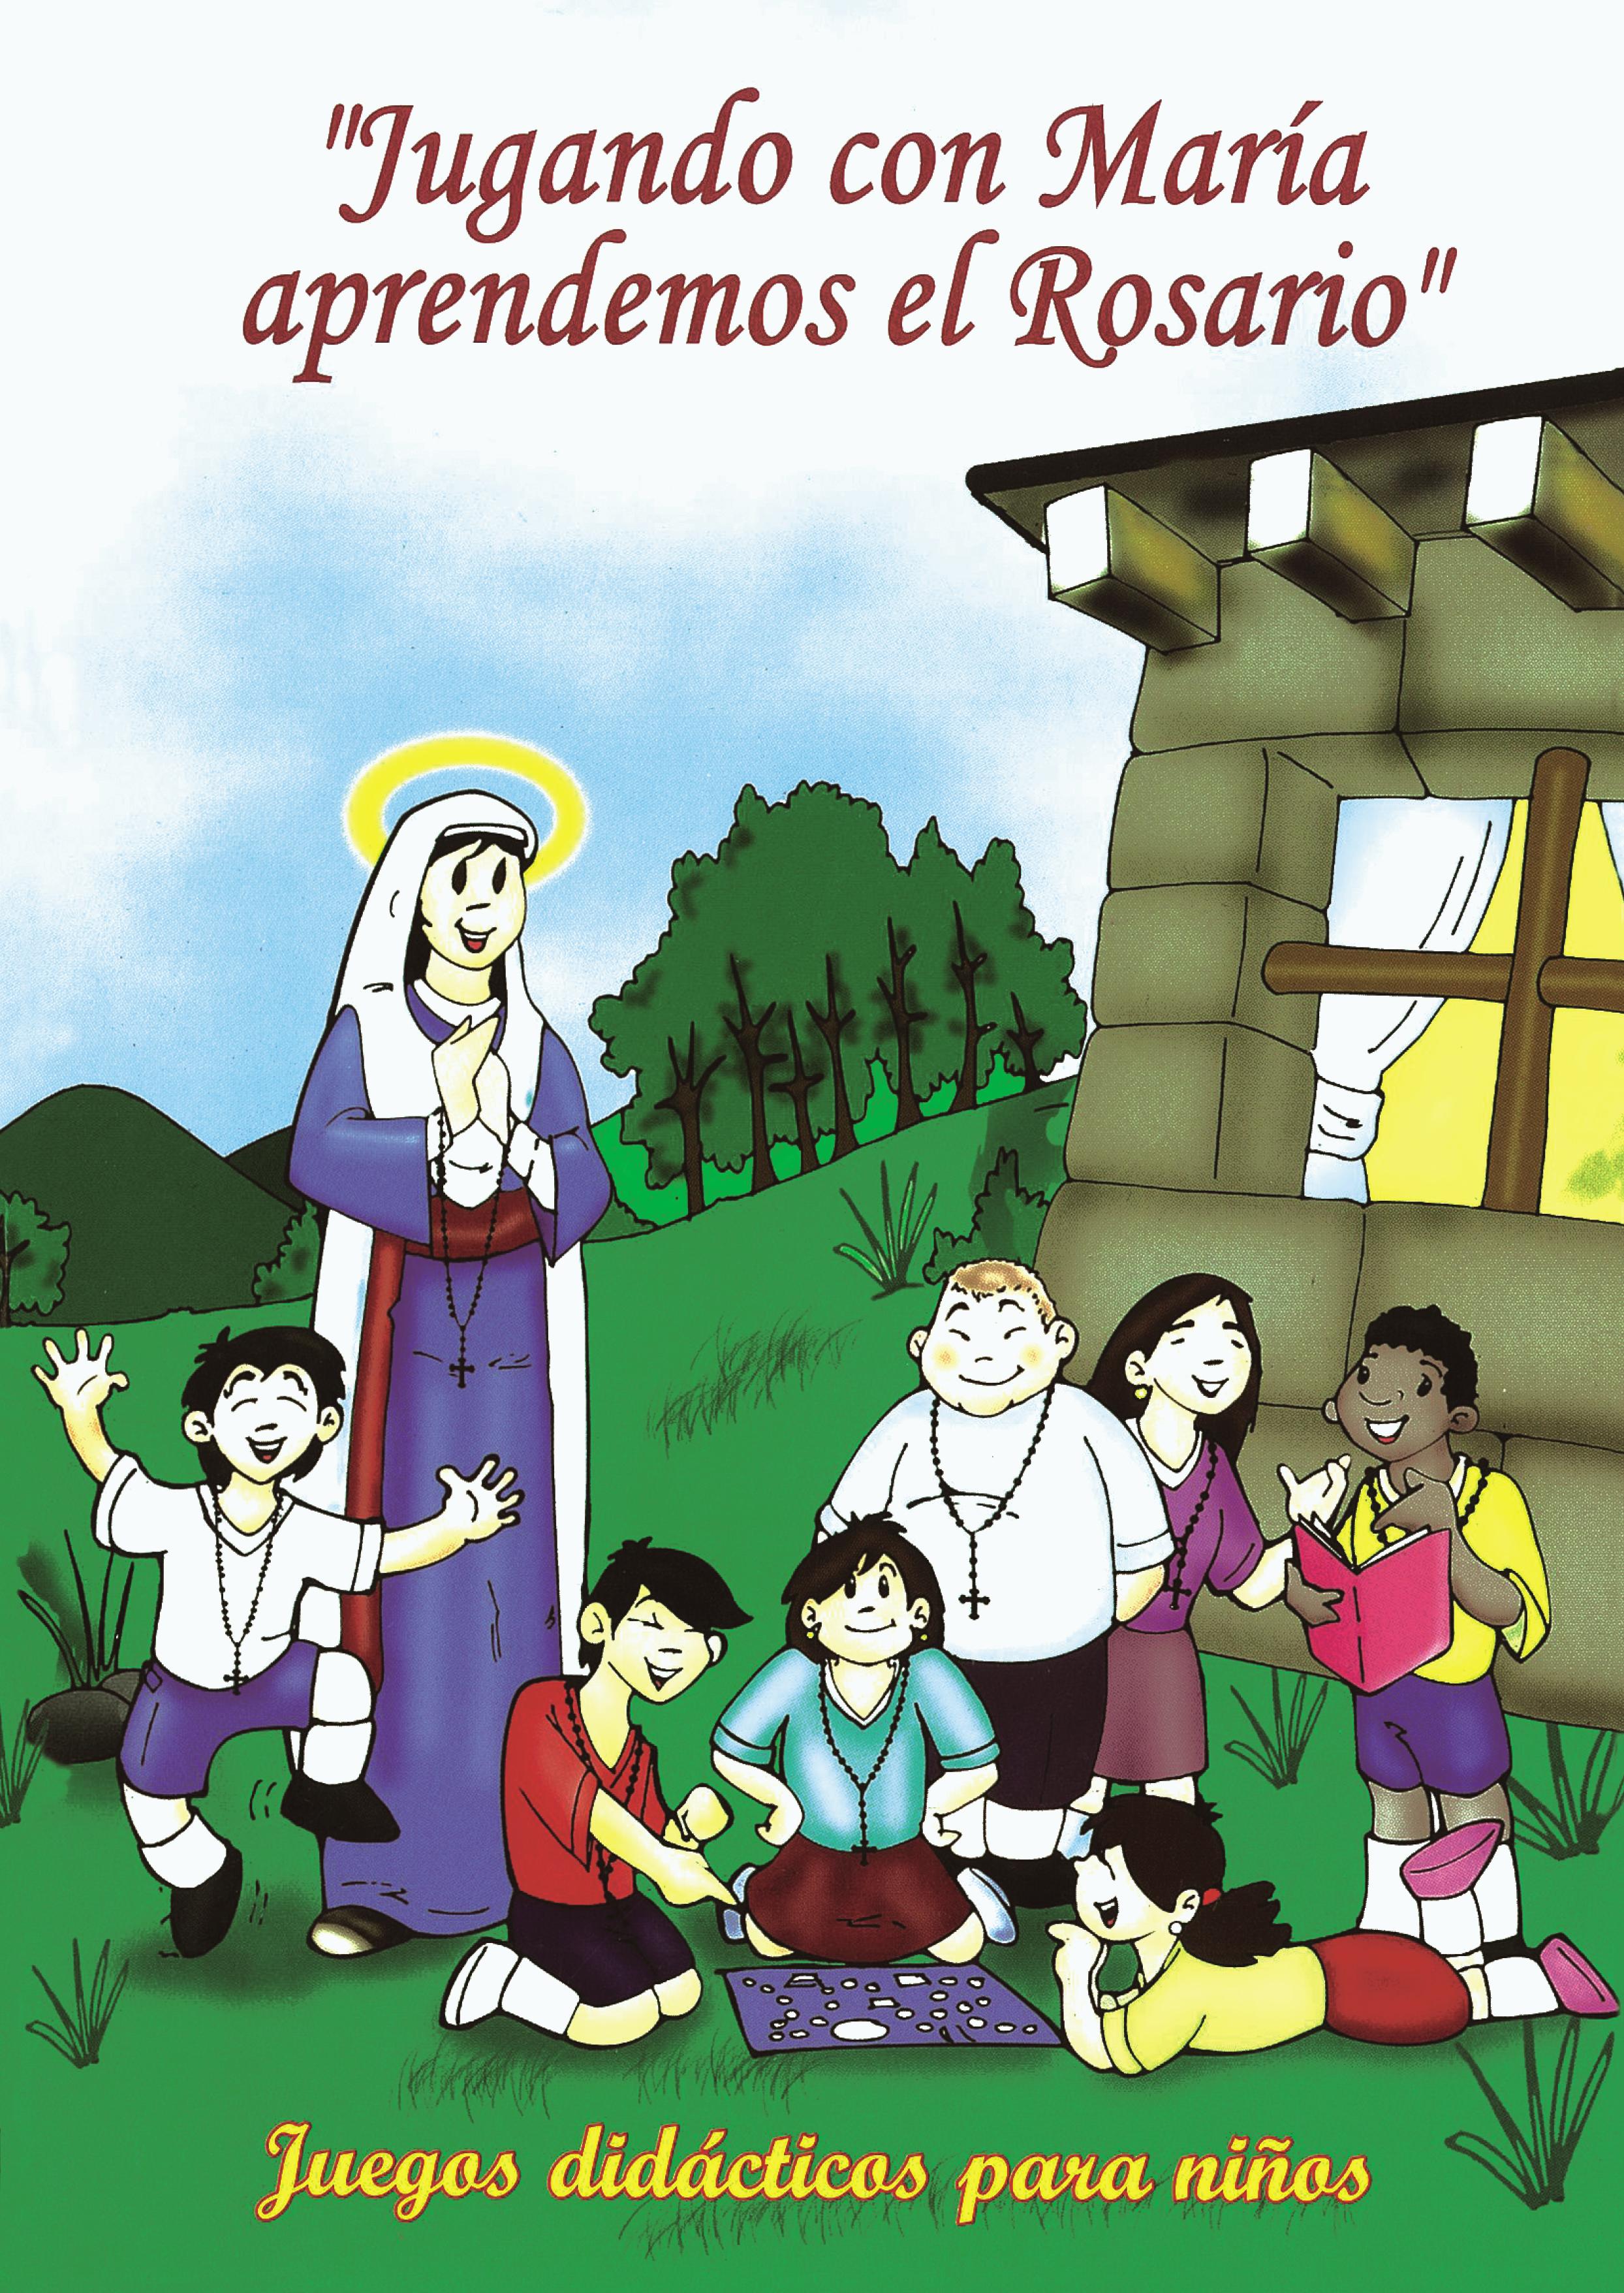 Jugando con María aprendemos el Rosario Image